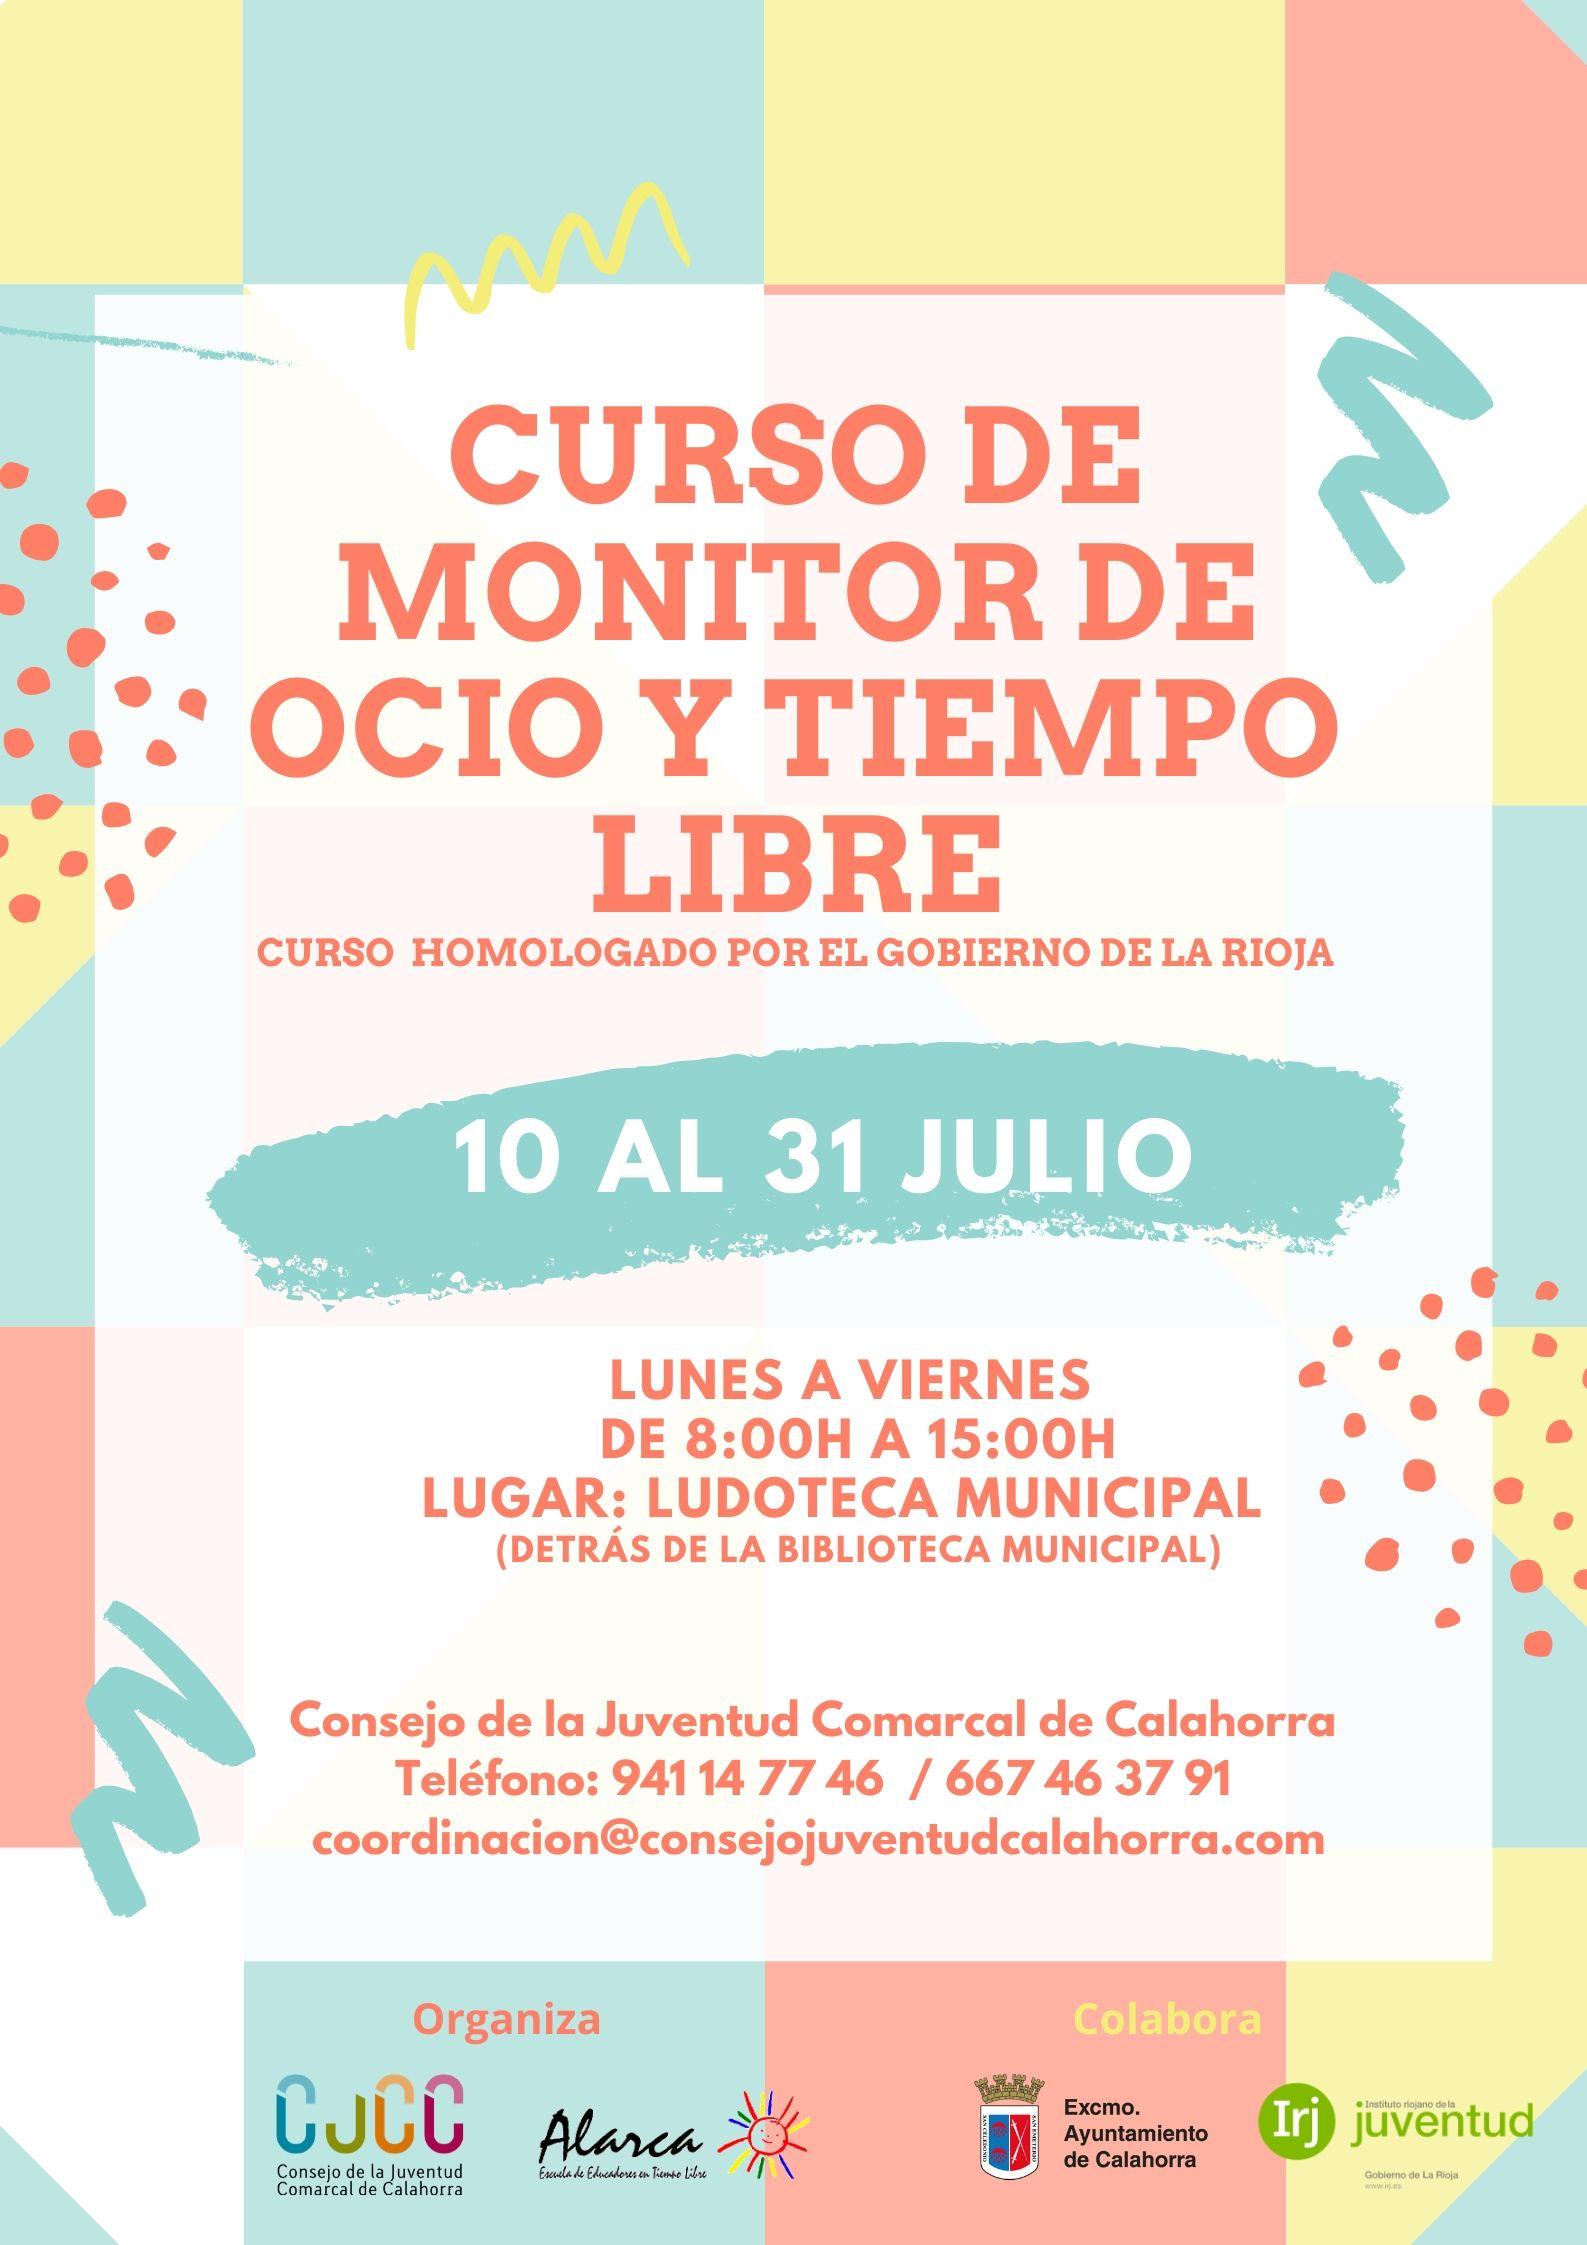 Curso de Monitor de Ocio y Tiempo Libre 2020